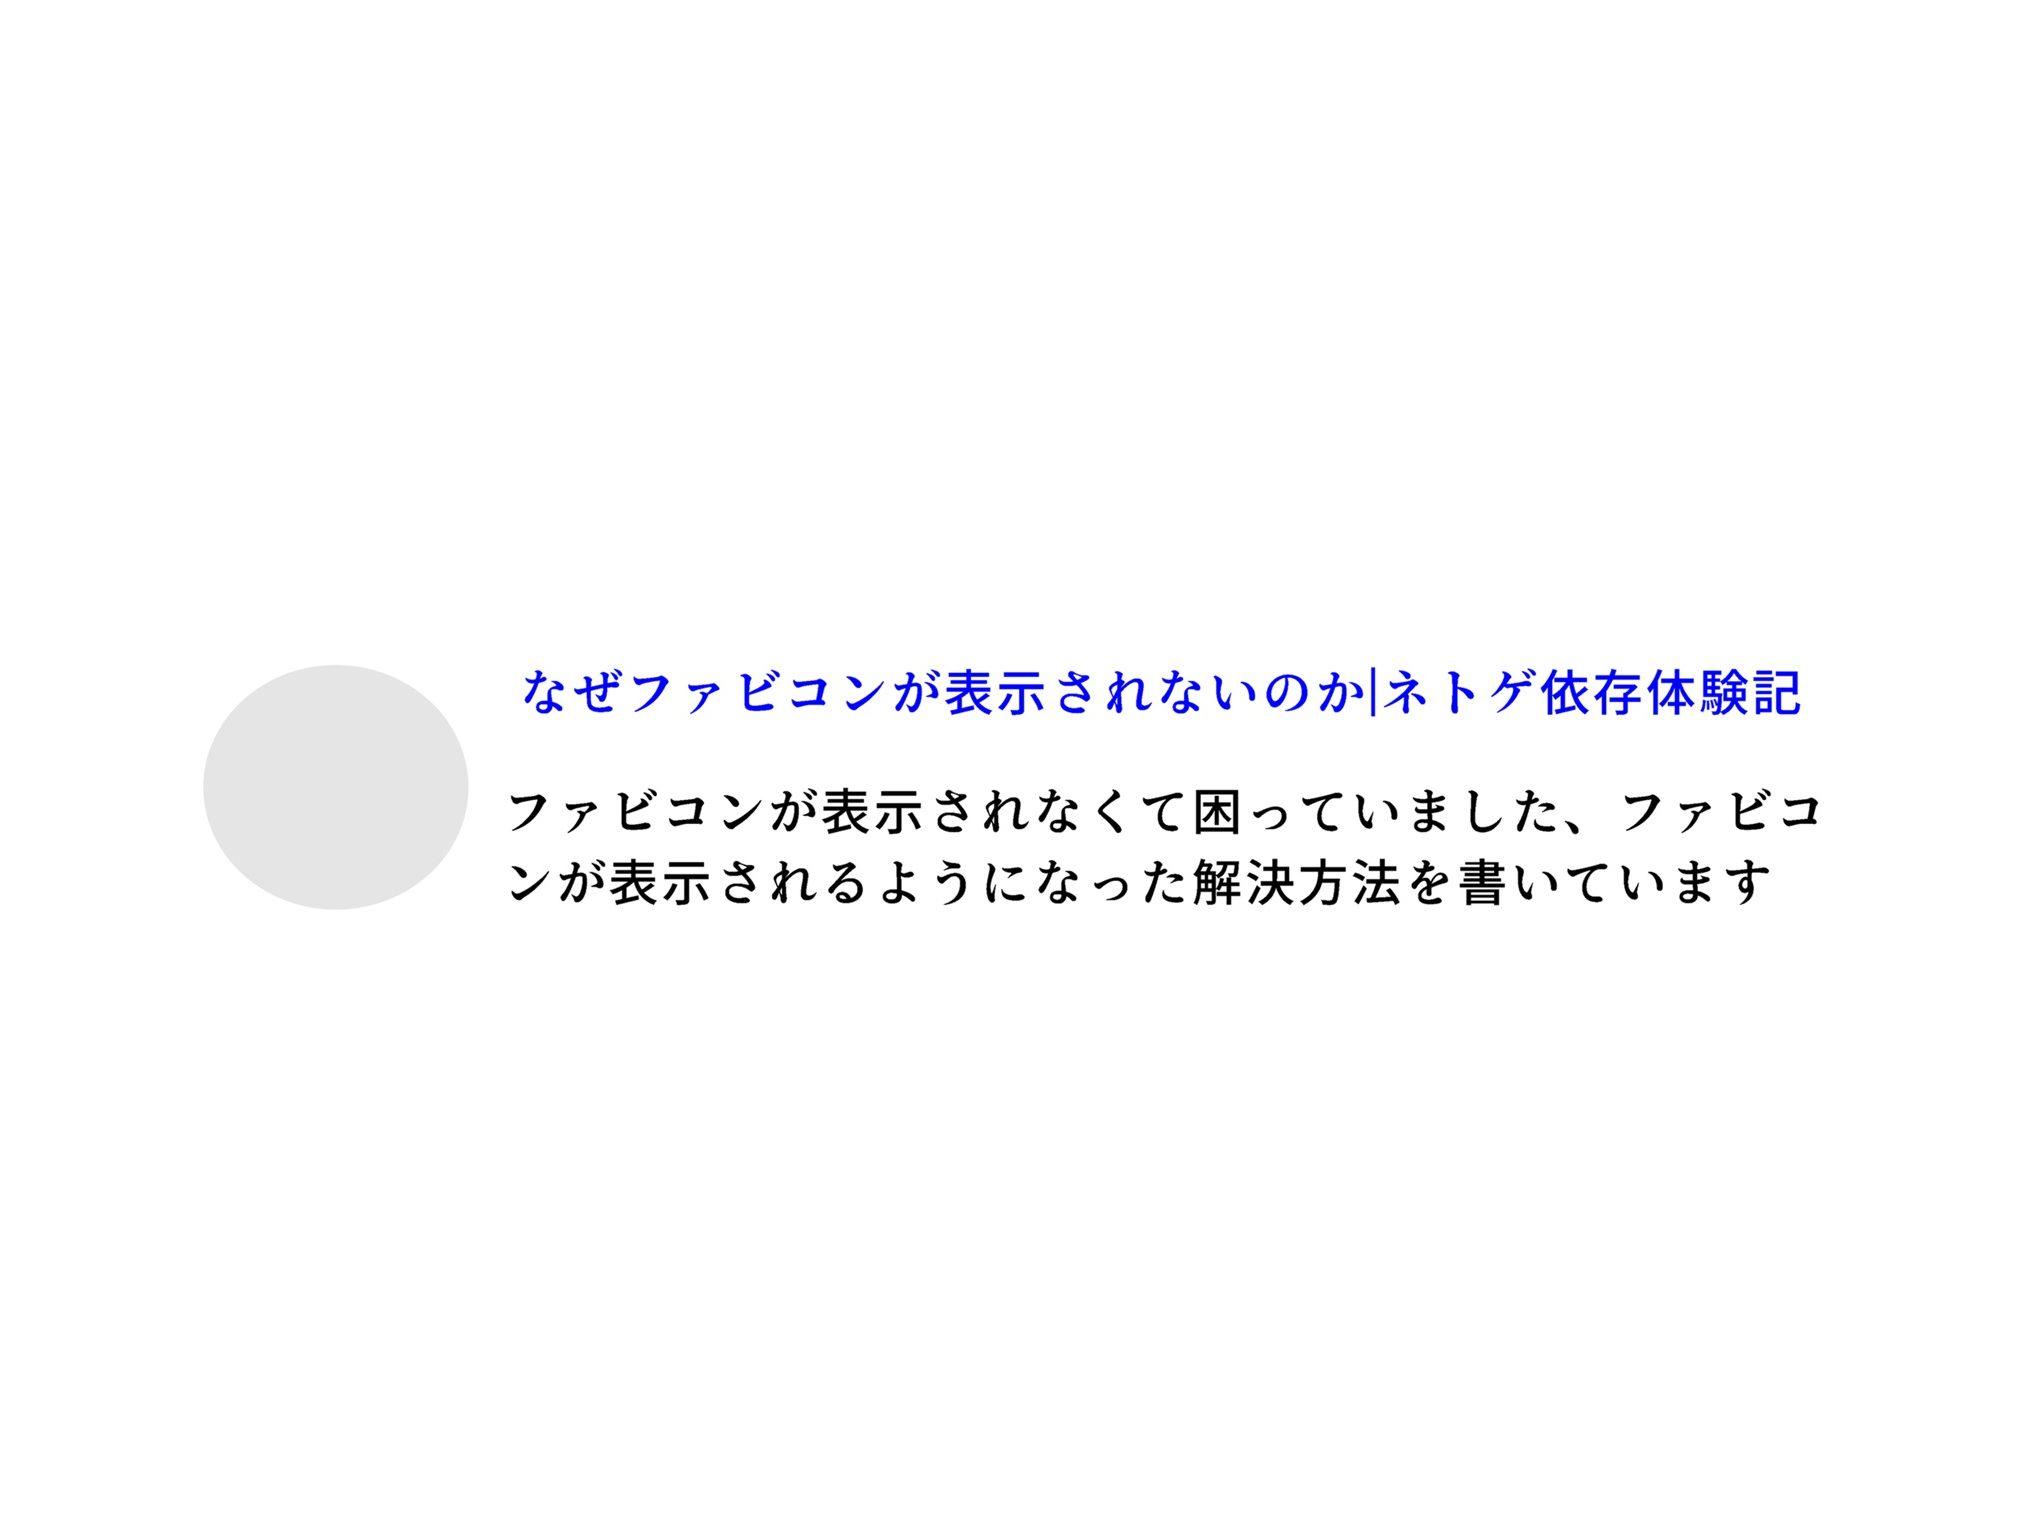 設定しているのに検索結果のインデックスにサイトアイコン、ファビコンが表示されない時の解決方法